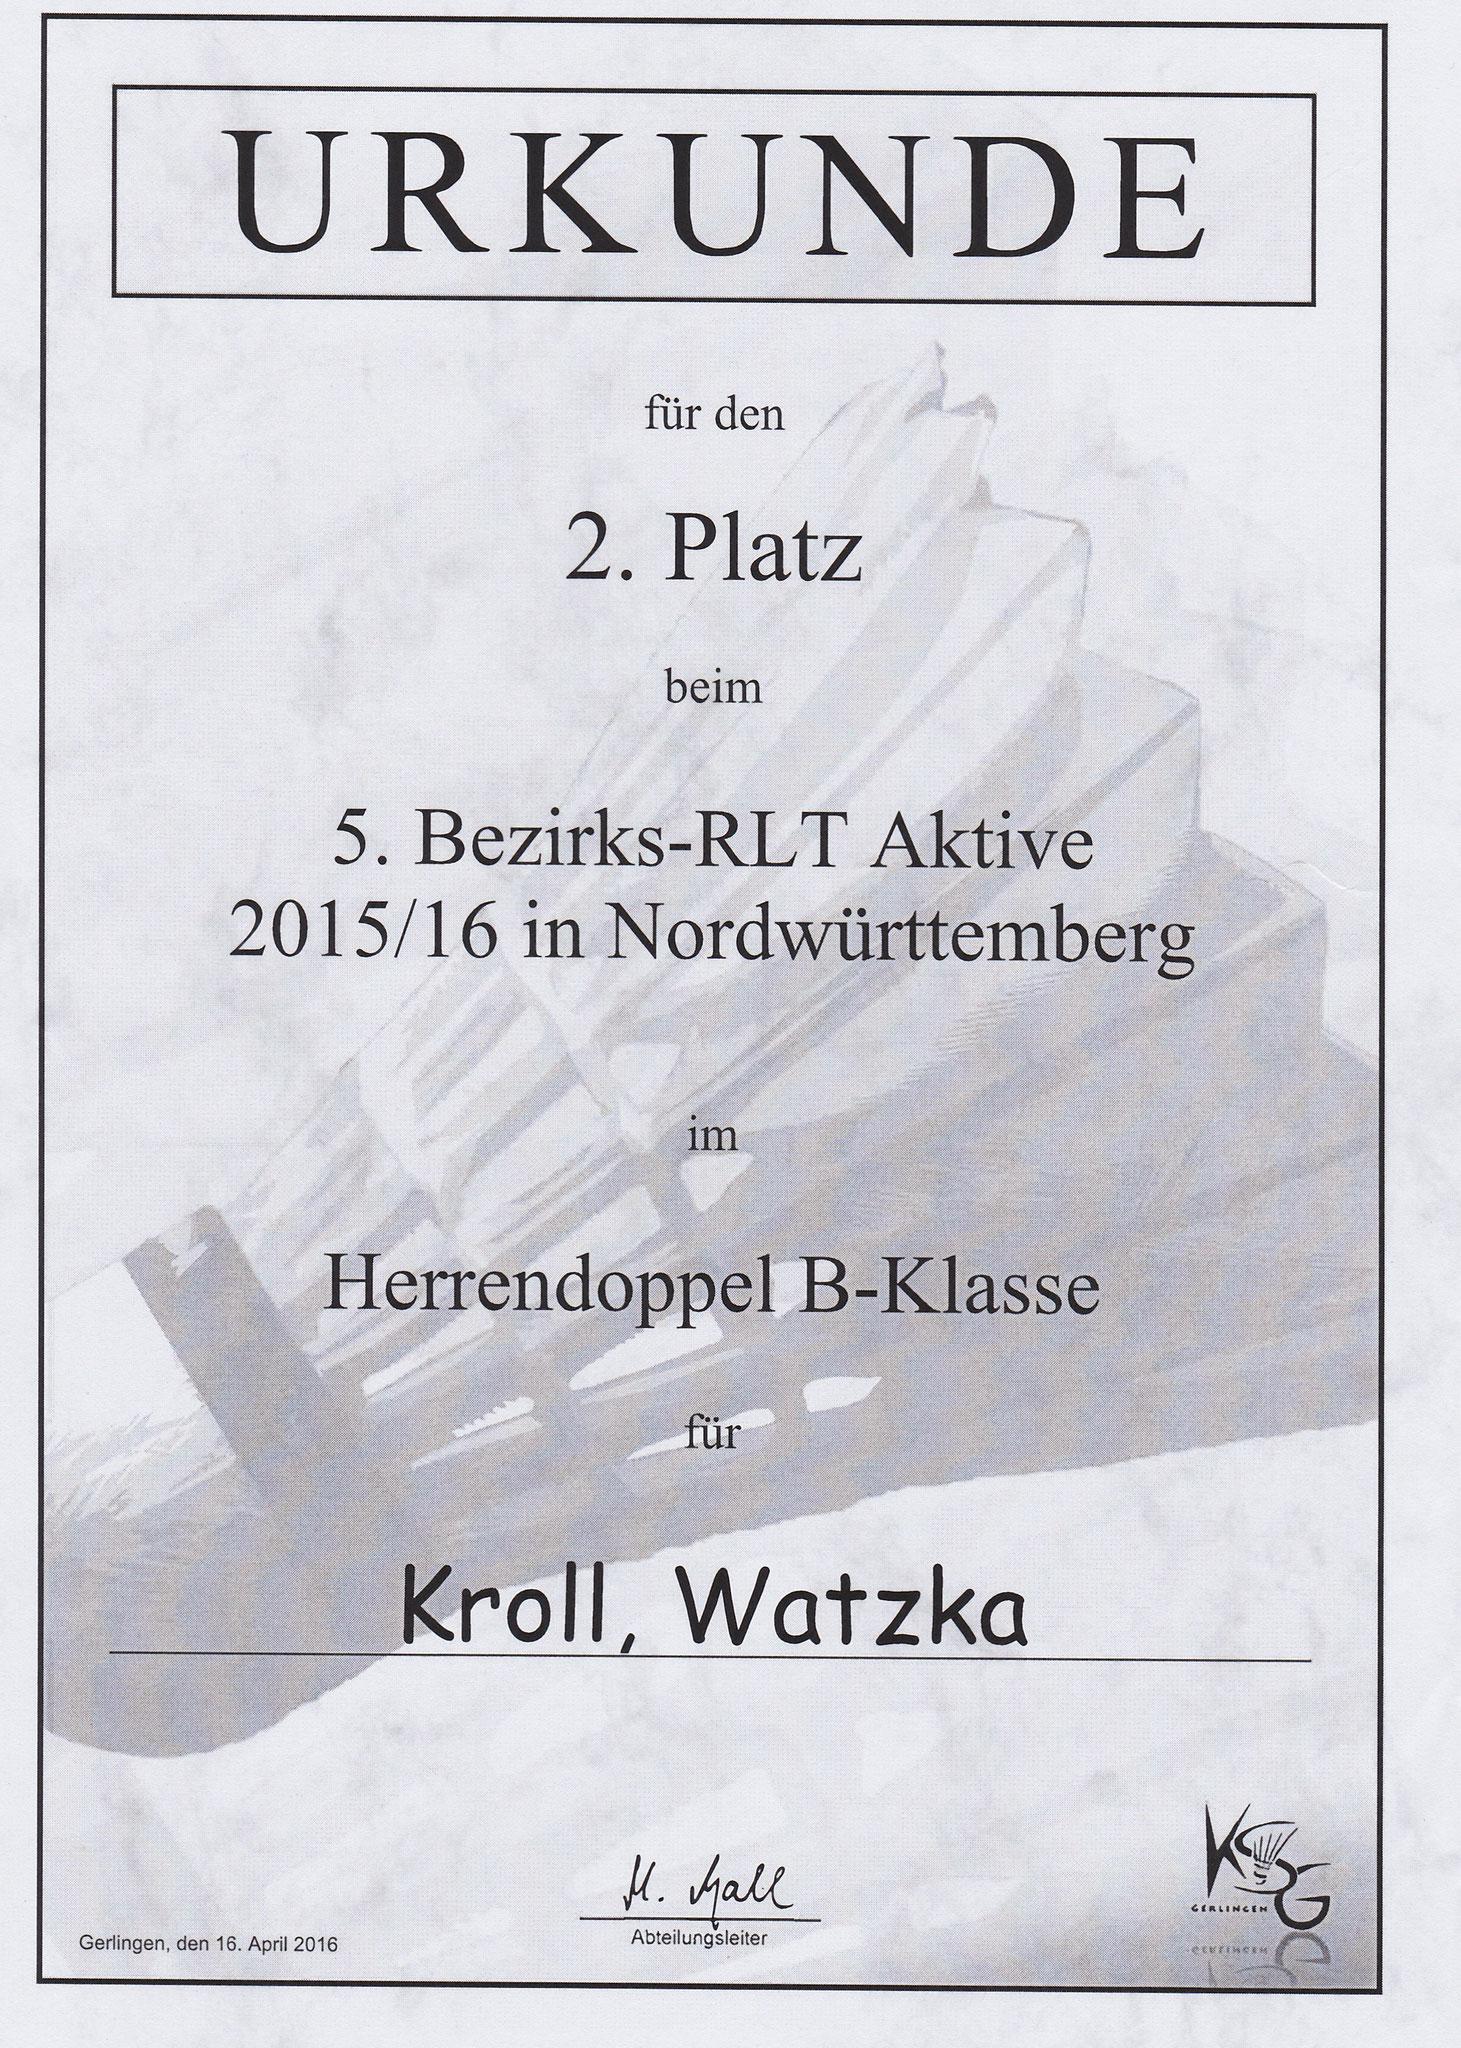 Urkunde Herrendoppel 2. Platz Timo und Matthias